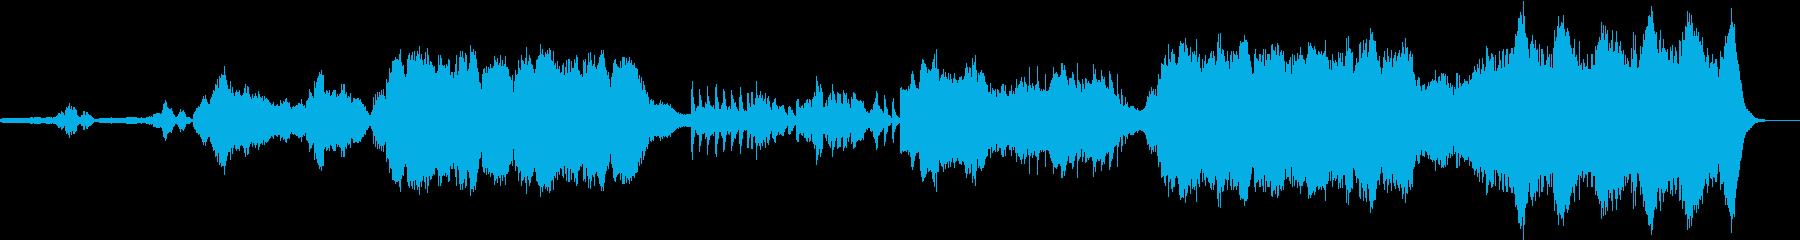 RPGゲームなどで流れそうな管弦楽曲の再生済みの波形